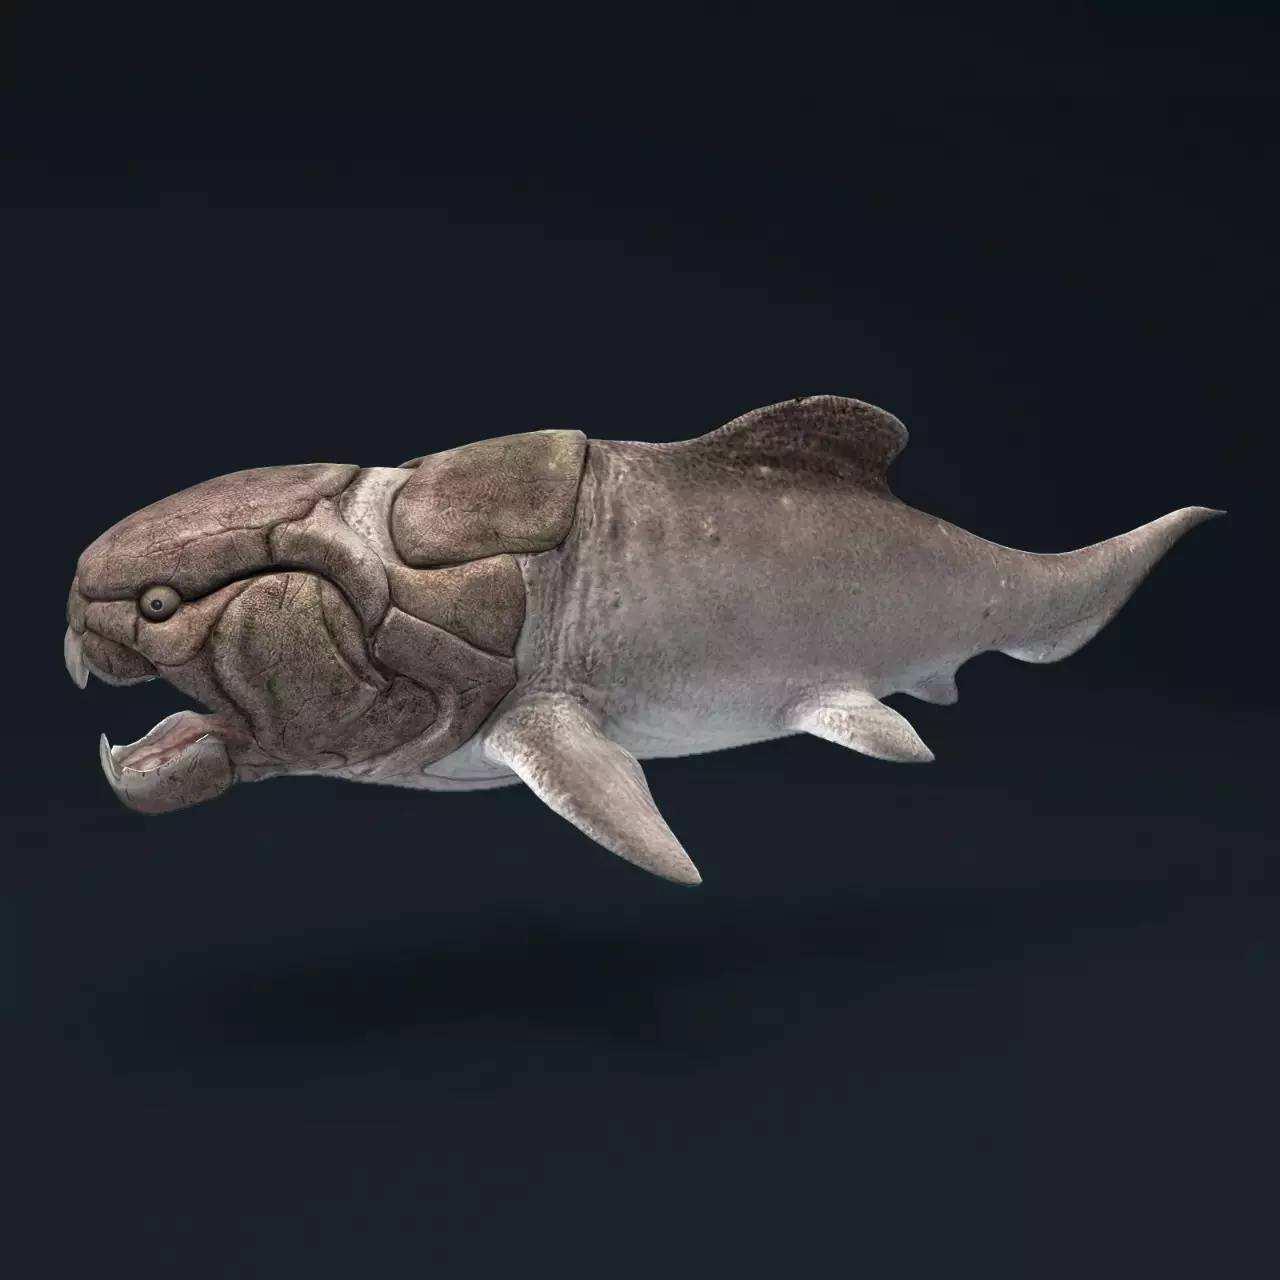 """如果问你""""世界上咬合力最大的动物"""",你会想到哪一种?而万幸的是小编今天要介绍的这种生物早已灭绝,它们就是生活在古生代泥盆纪时期的古生物---邓氏鱼!说它们是鱼类,还不如称其为""""怪兽"""",因为它们长得也太丑了吧?金刚石是世界上最坚硬的物质众所周知,但按照邓氏鱼的咬合力,分分钟能将金刚石咬成粉末!  邓氏鱼这种古生物,虽然身长只有11米左右,但它们的体重能达到6吨,而咬合力竟然能达到5吨!别说是要分分钟将猎物咬得嘎嘣儿脆了,如果真的要将这个世界上最坚硬的金刚石放进"""